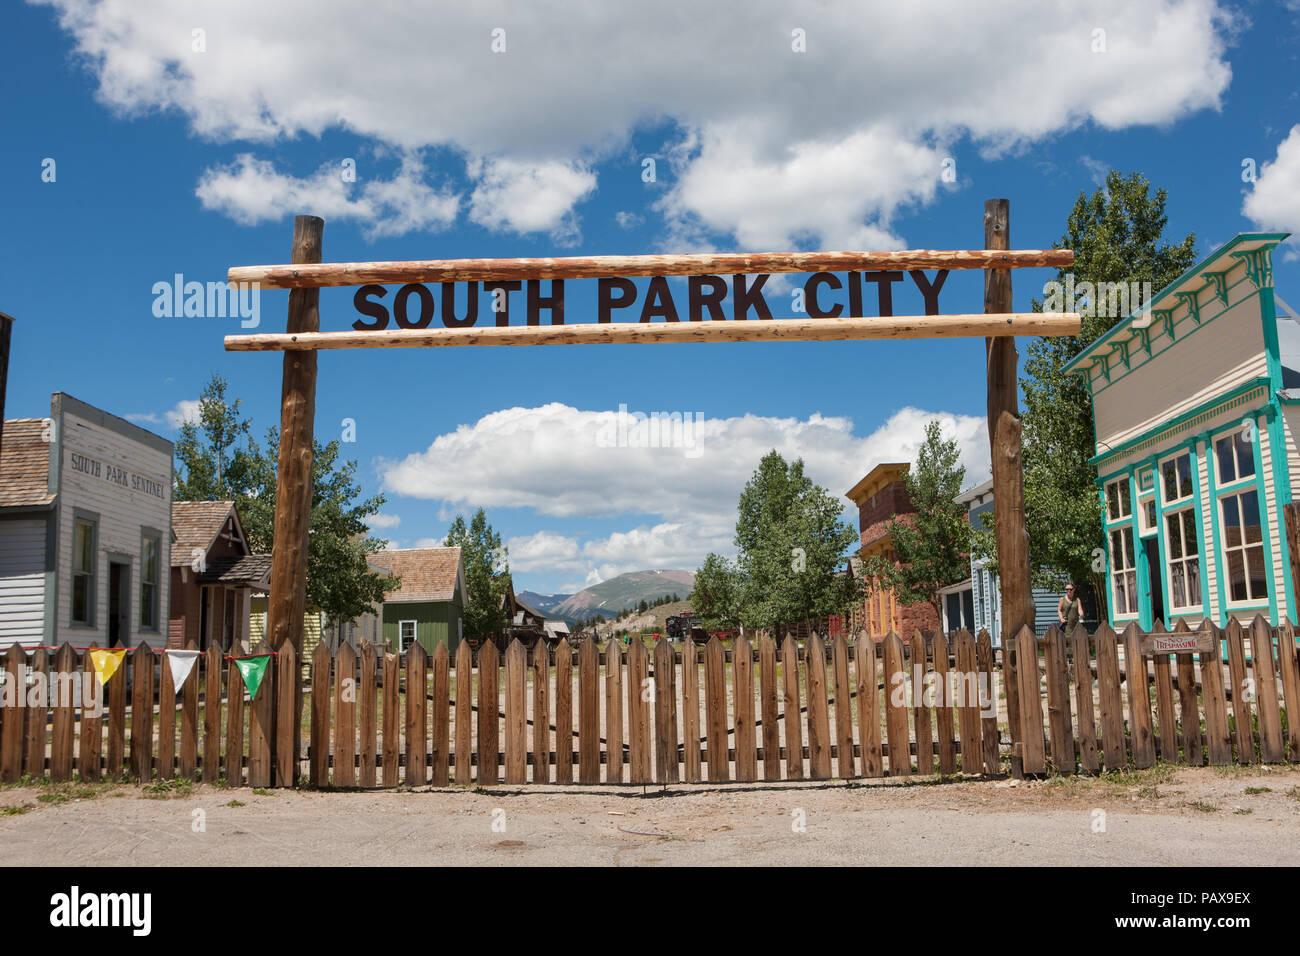 South Park City, Fairplay, Colorado - Stock Image